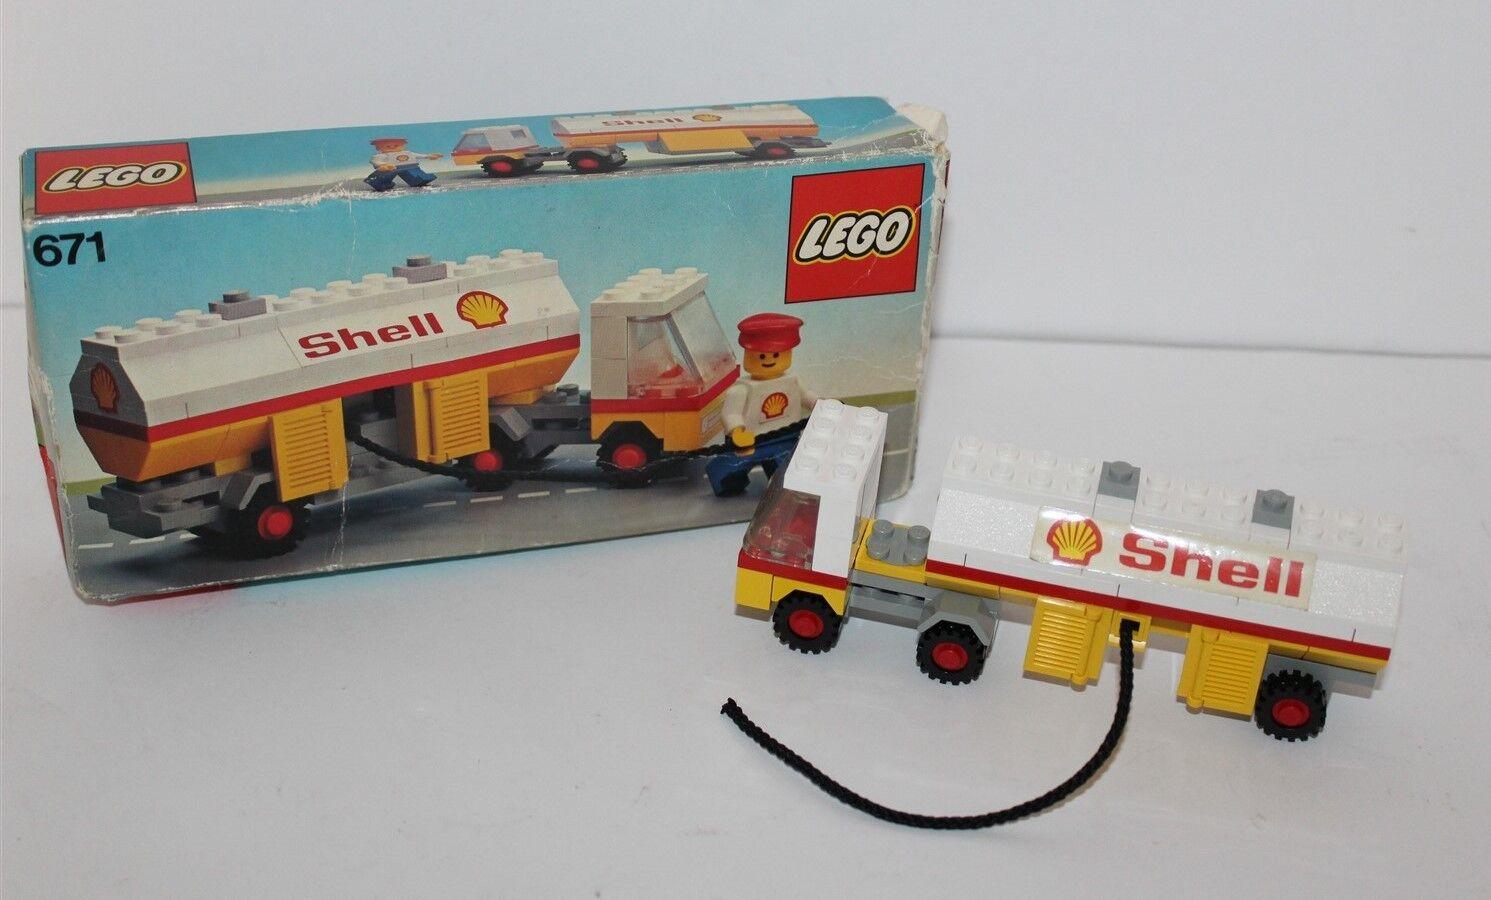 Lego Shell Fuel Tanker 1978 Set Set Set No 671 Boxed 8d417c